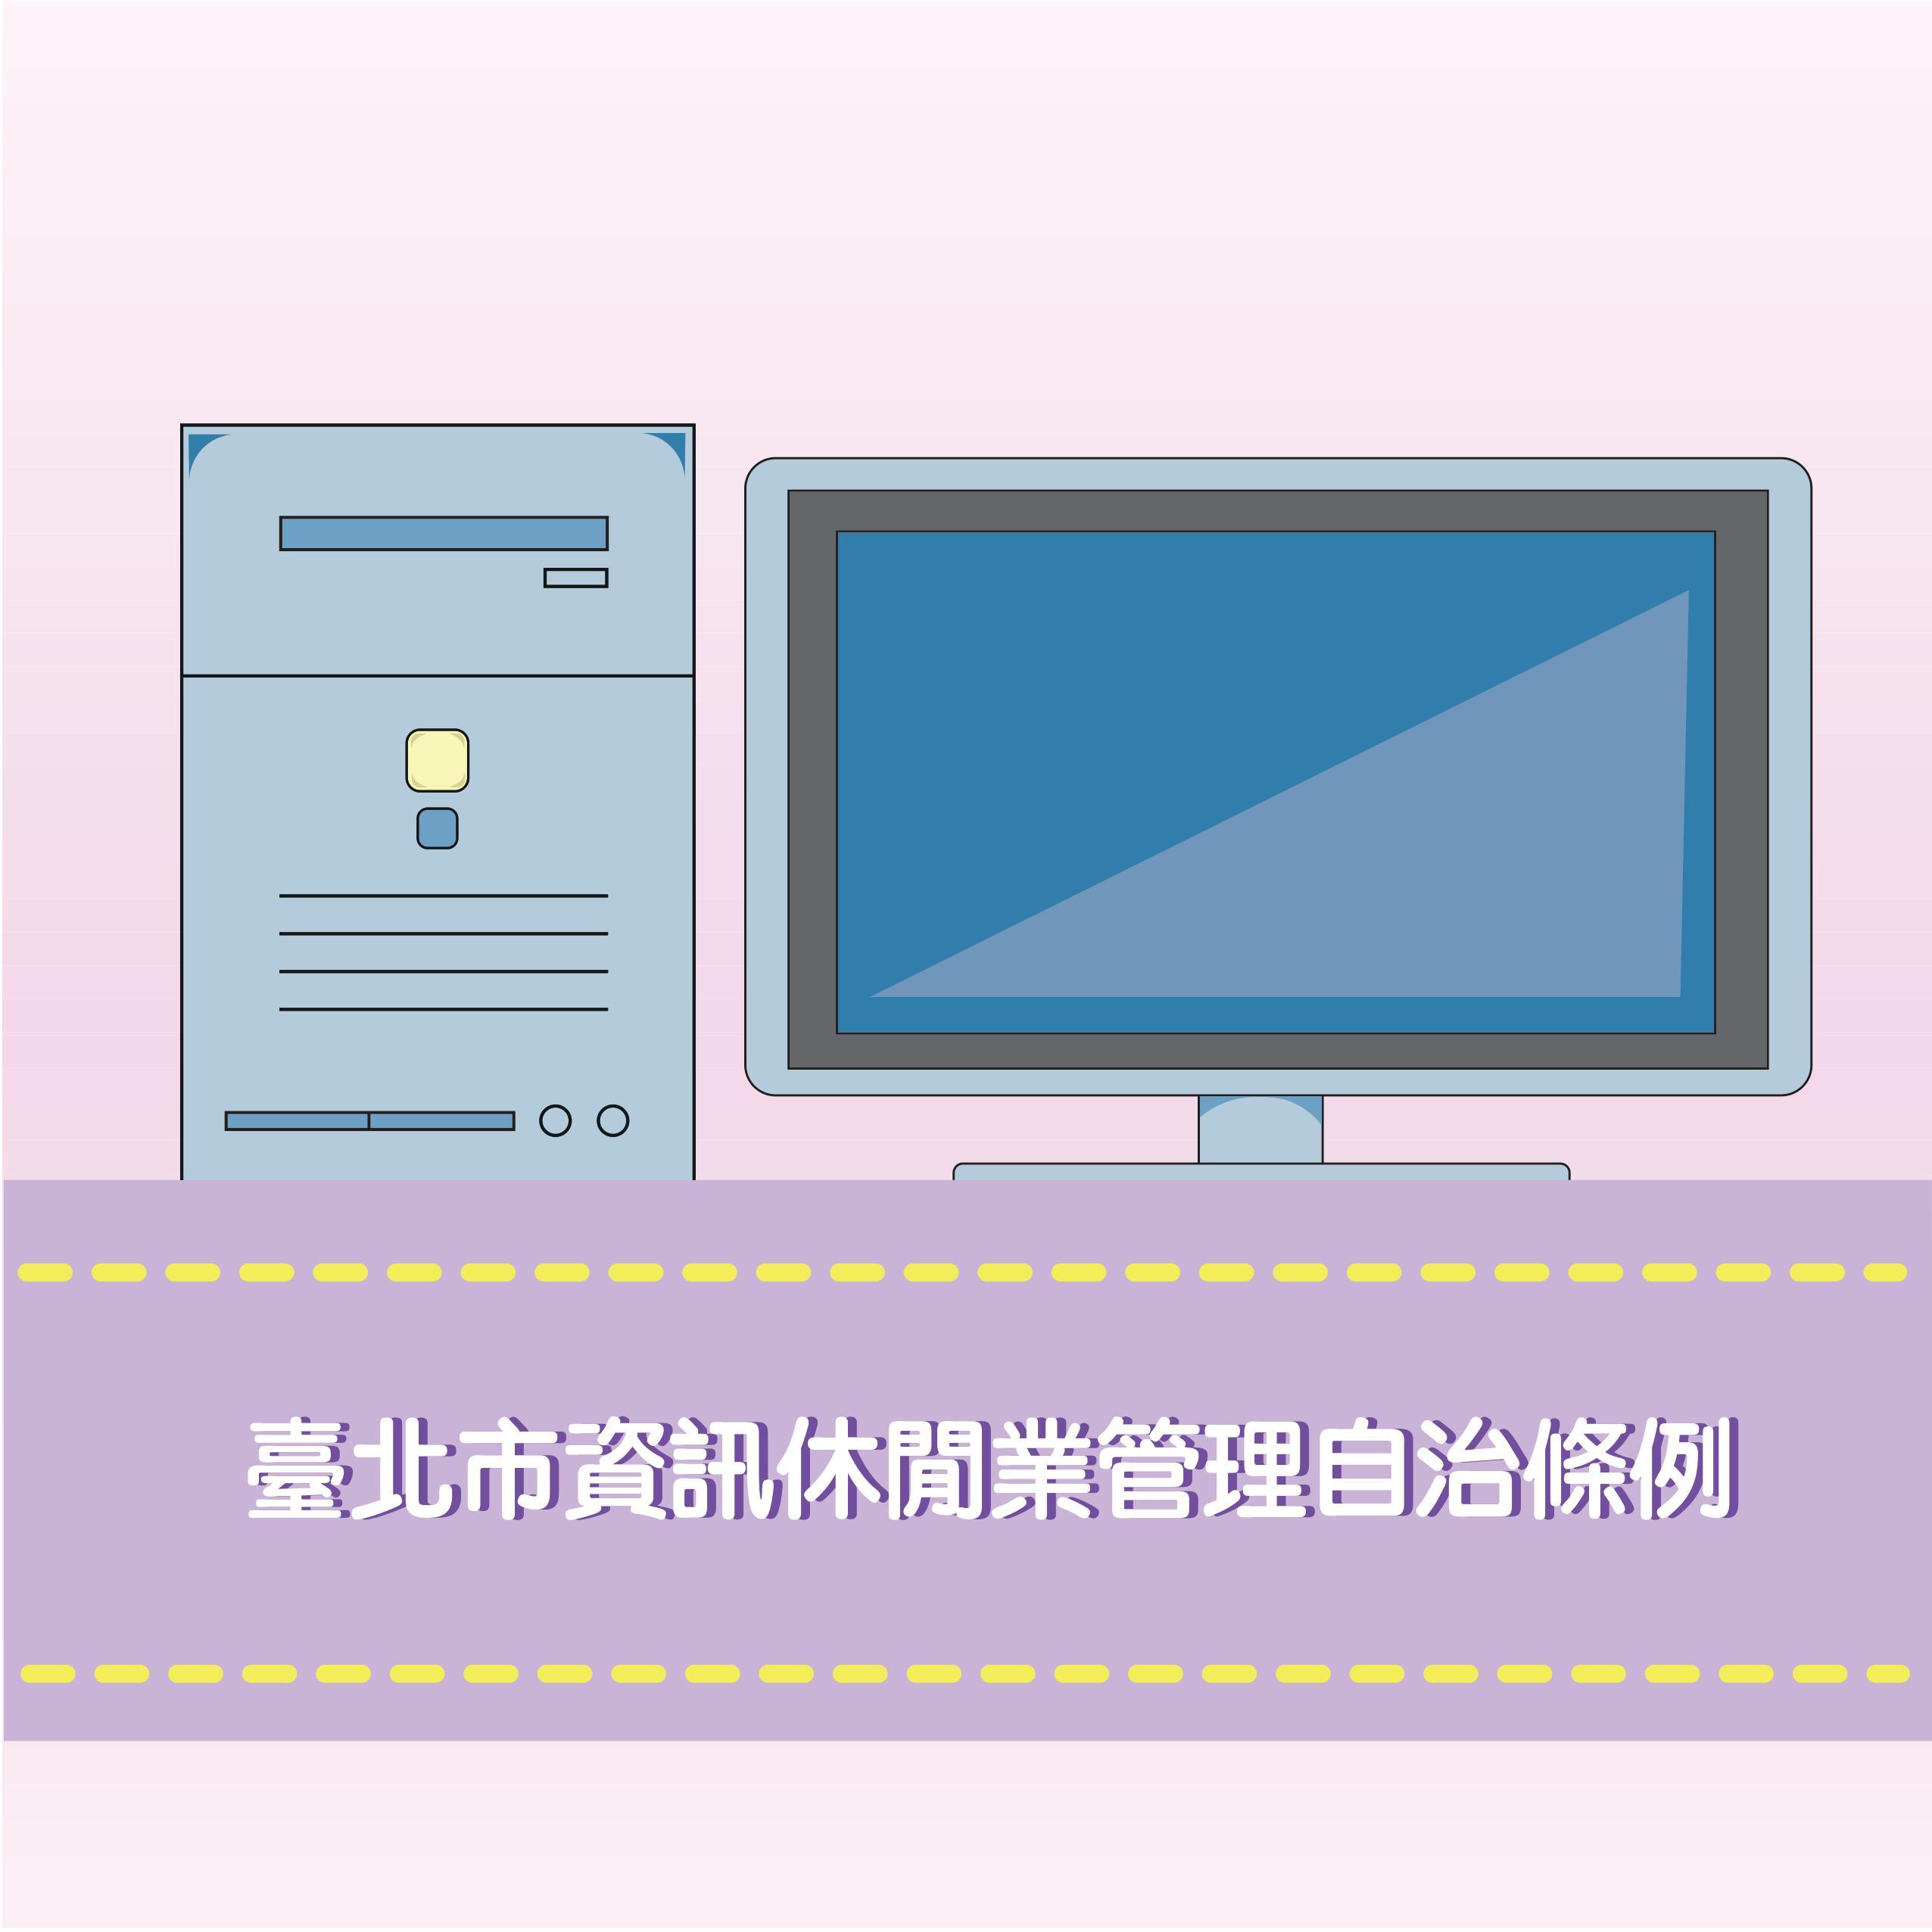 臺北市資訊休閒業管理自治條例連結